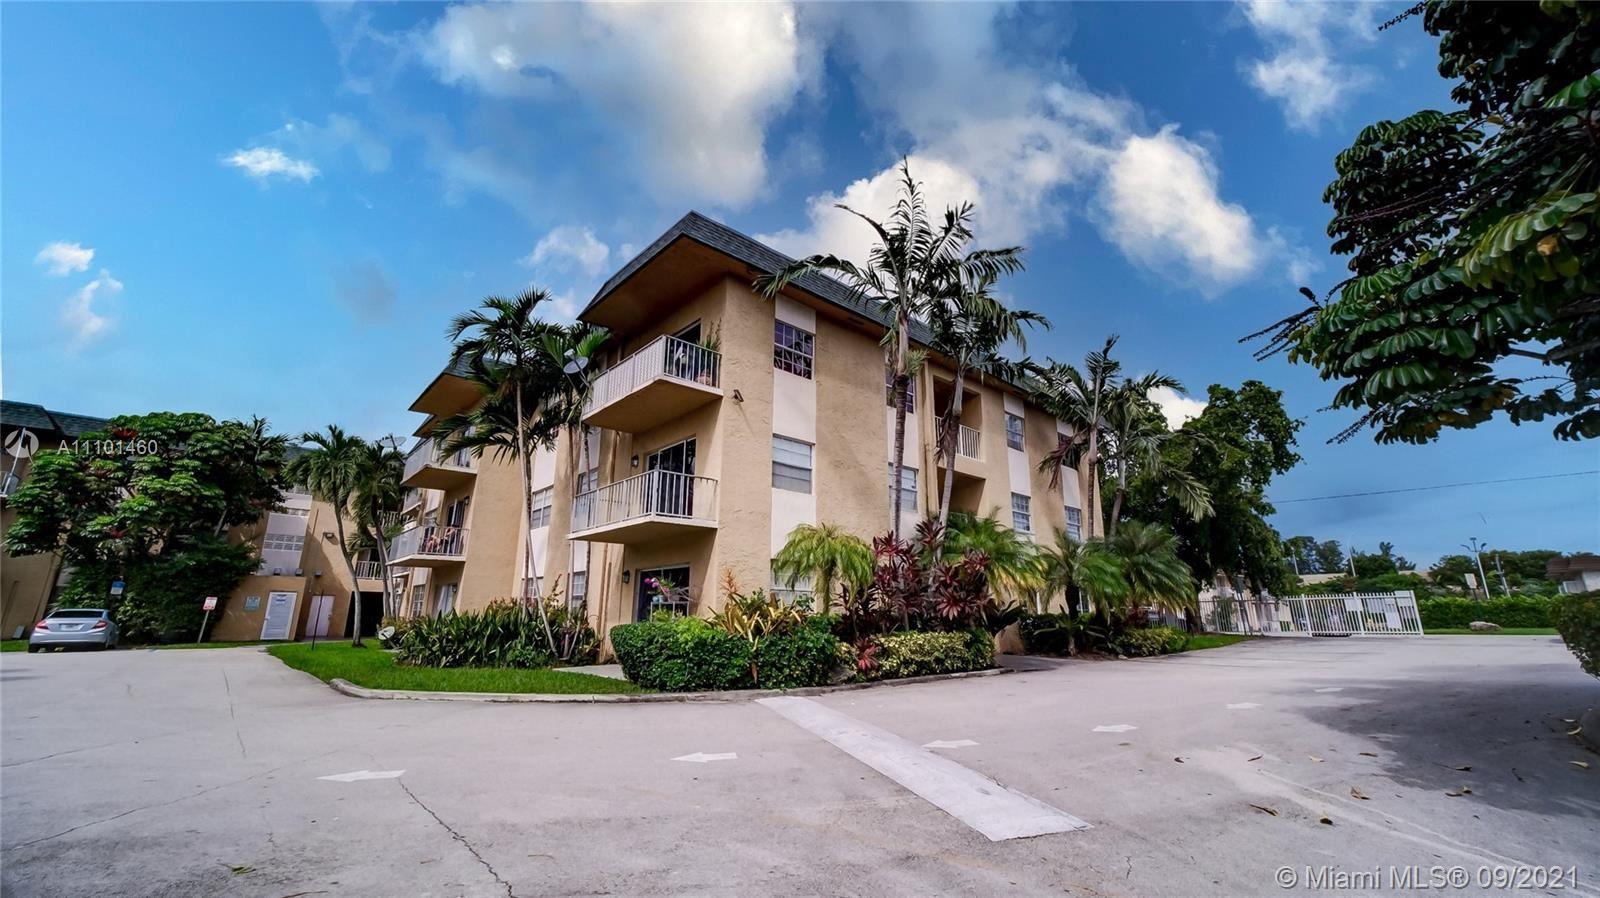 5400 SW 77th Ct #1A, Miami, FL 33155 - #: A11101460